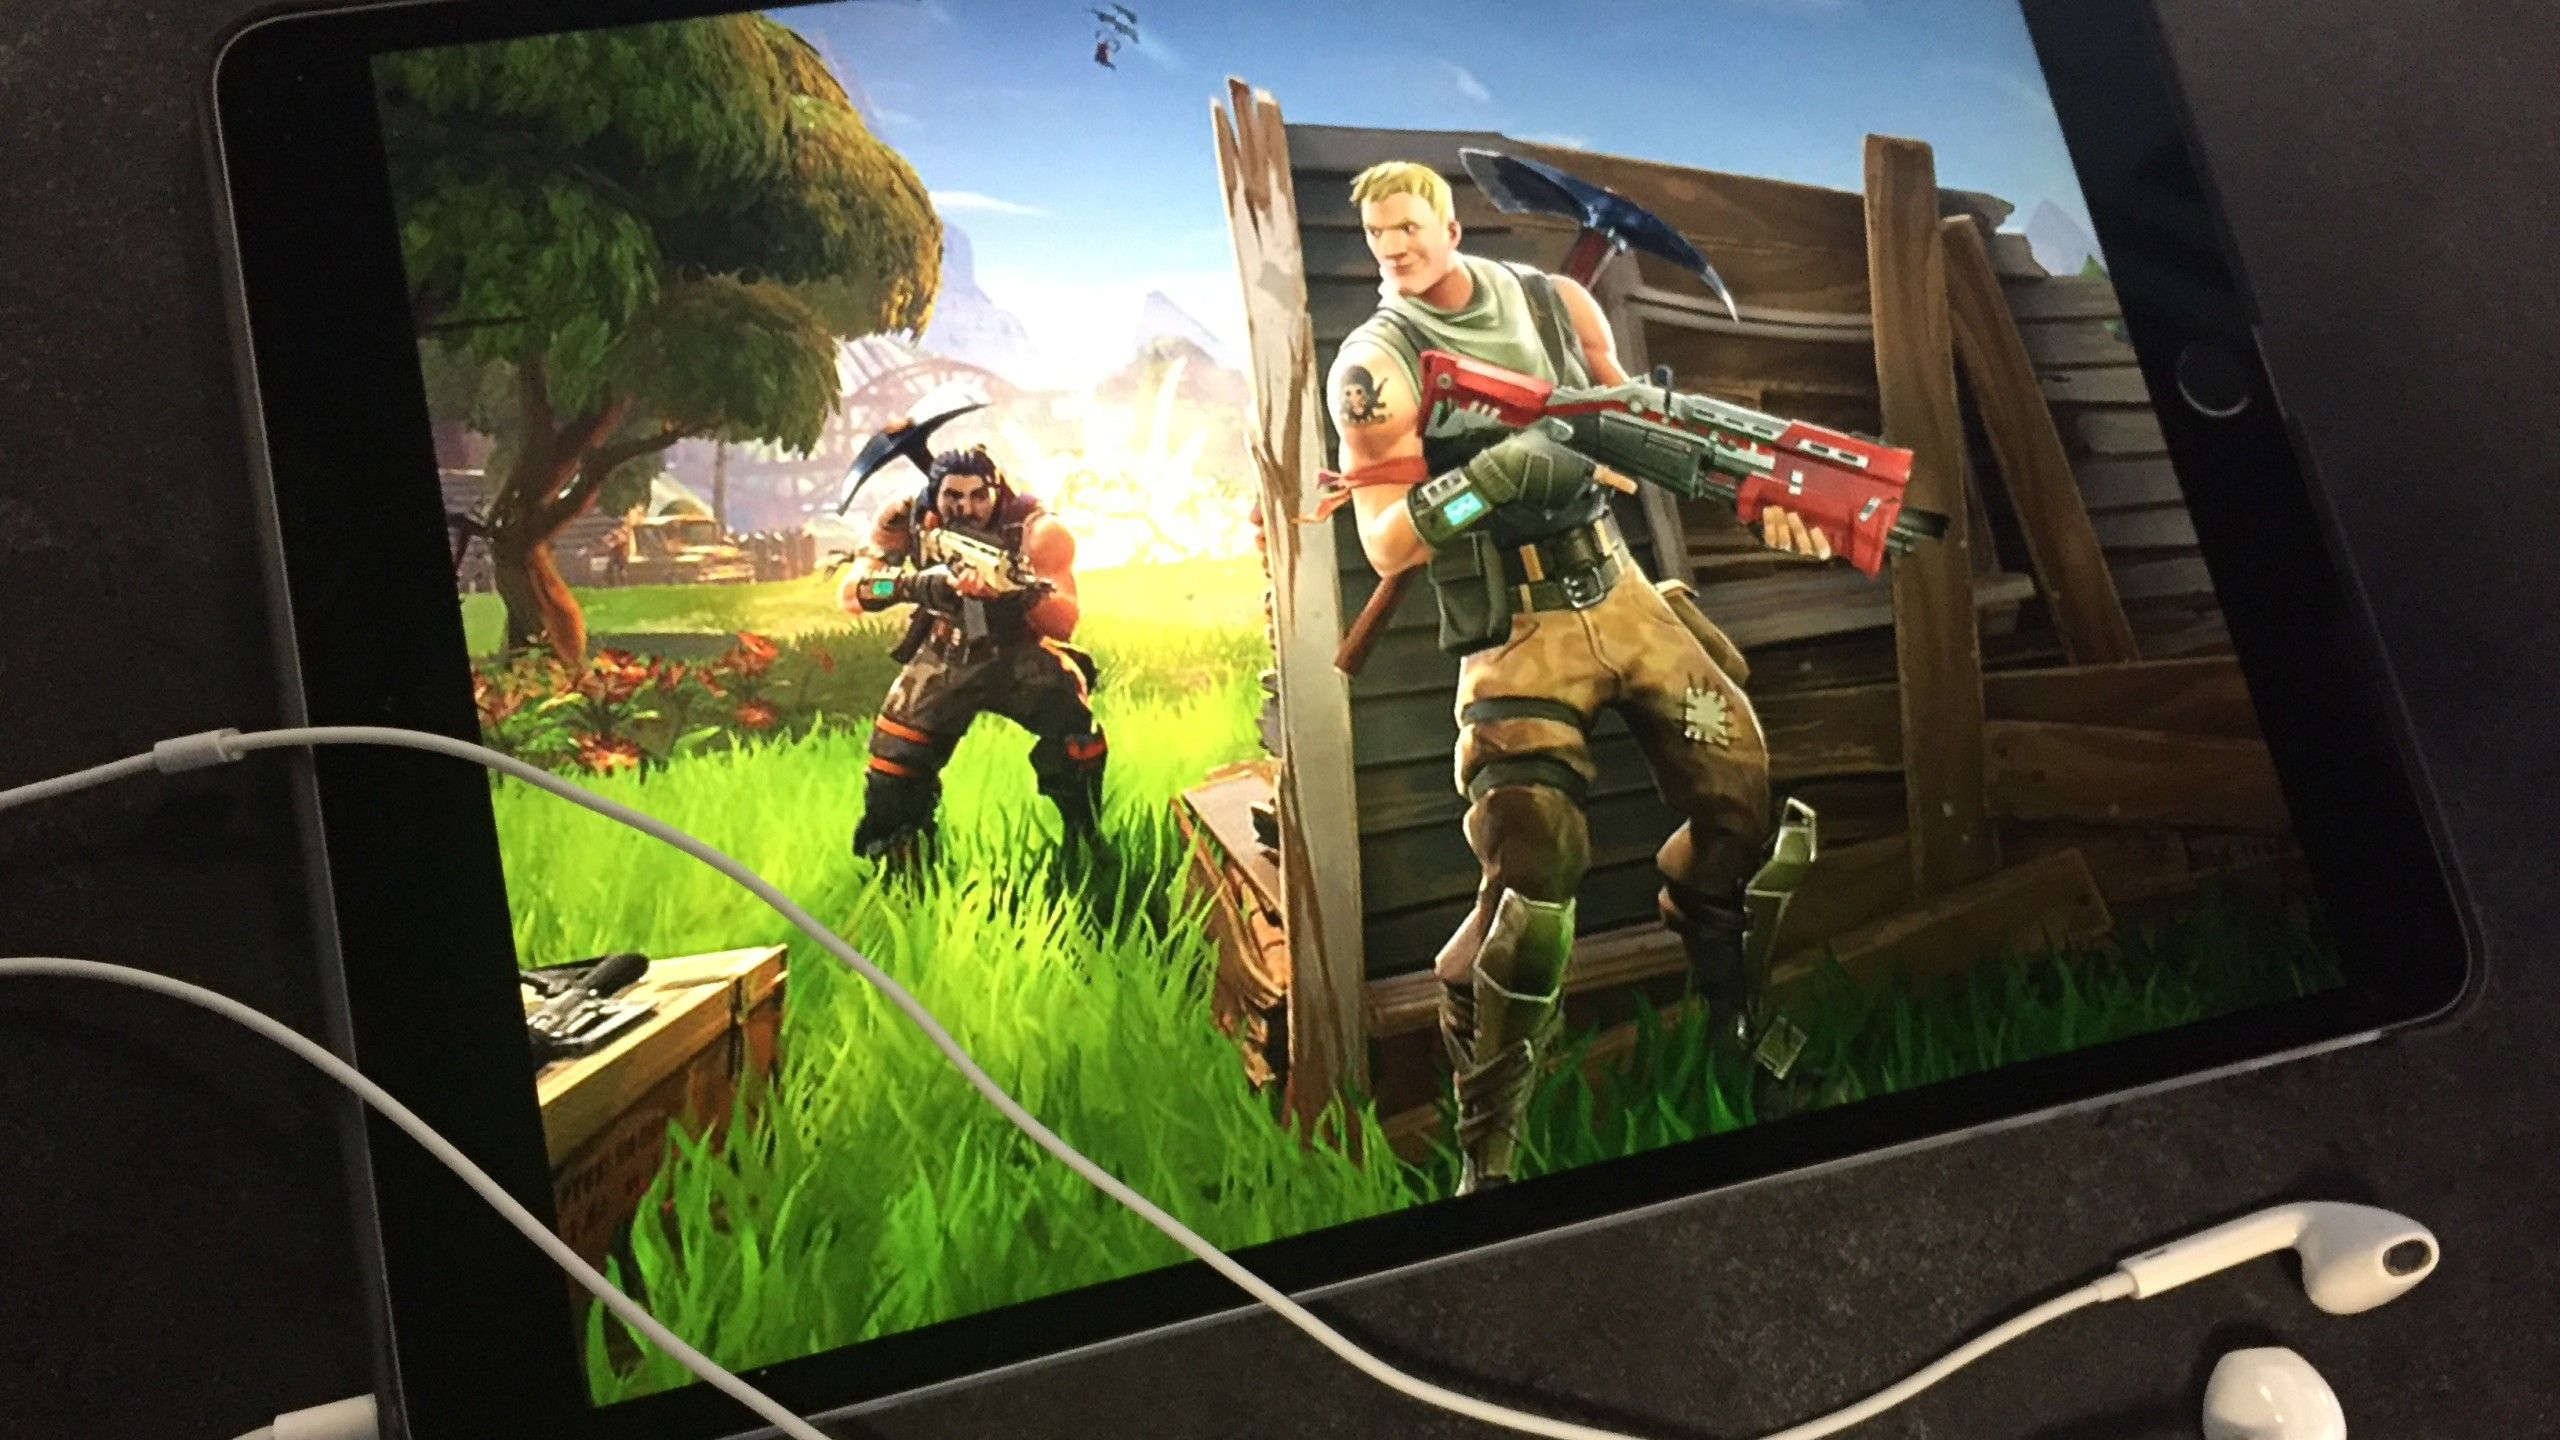 ipad Apple screen time Fortnite_1537288006715.jpg.jpg